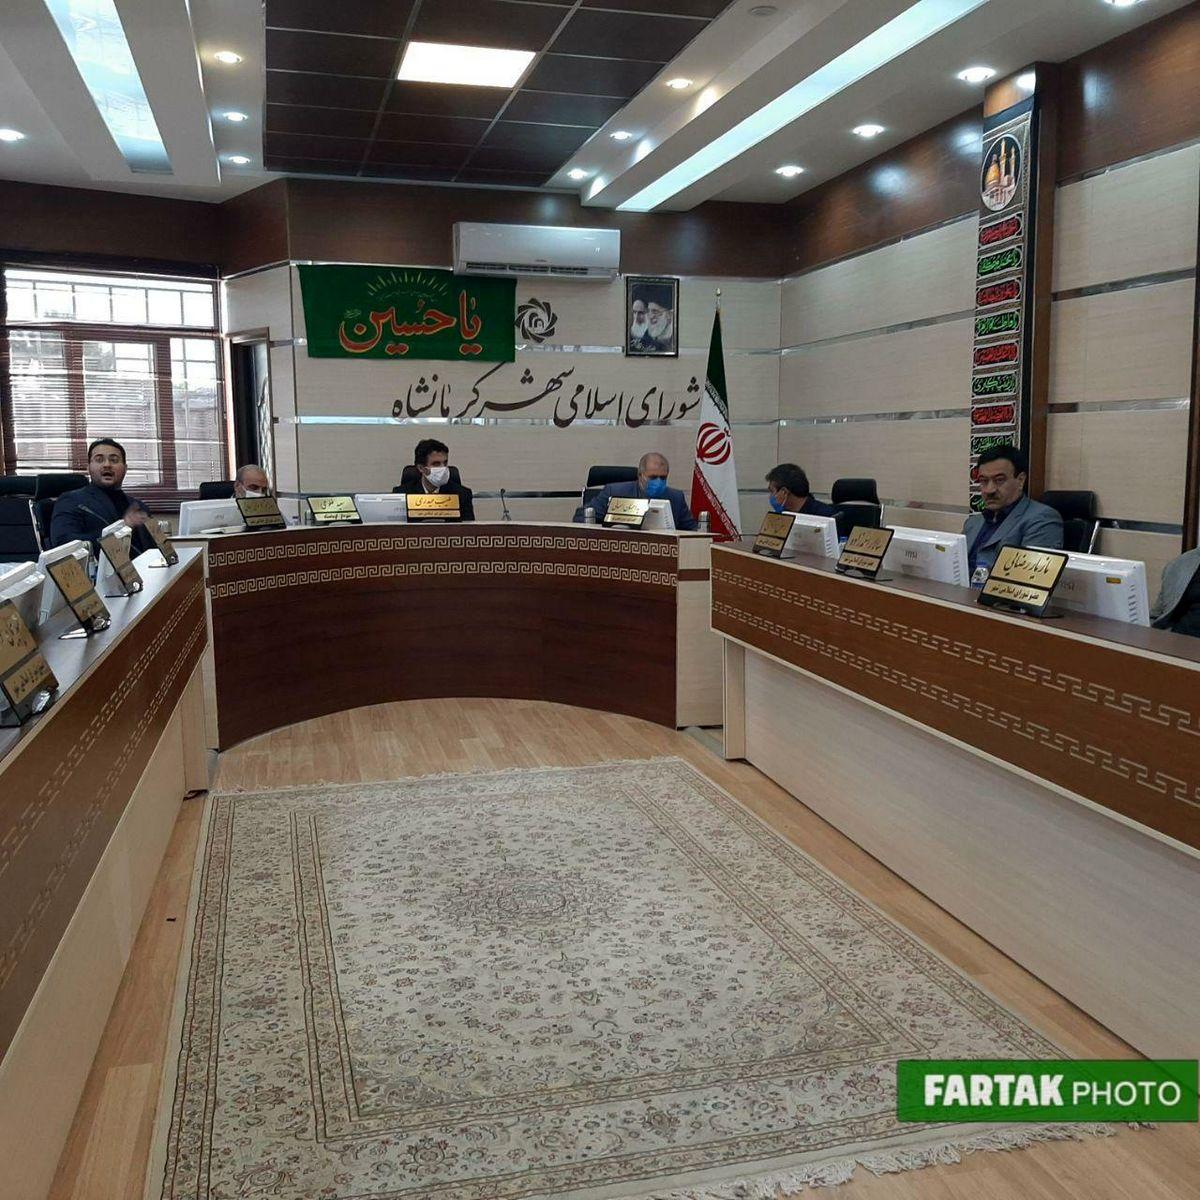 برگزاری نخستین جلسه شورای شهر کرمانشاه بعد از انتخاب هیئت رییسه به صورت غیر رسمی